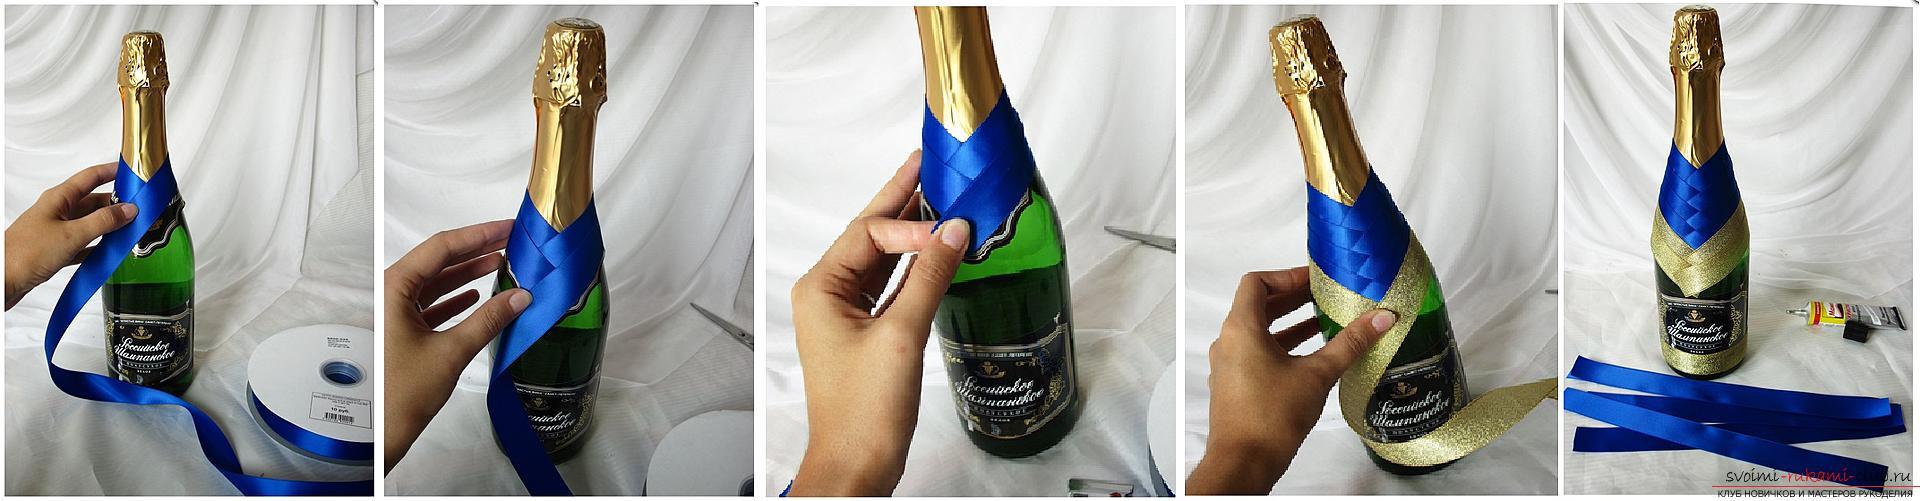 Как сделать самые разные украшения из атласных лент своими руками, уроки с пошаговыми фото создания украшений для волос, создания декоративных предметов для интерьера, декорирование бутылок шампанского. Фото №19